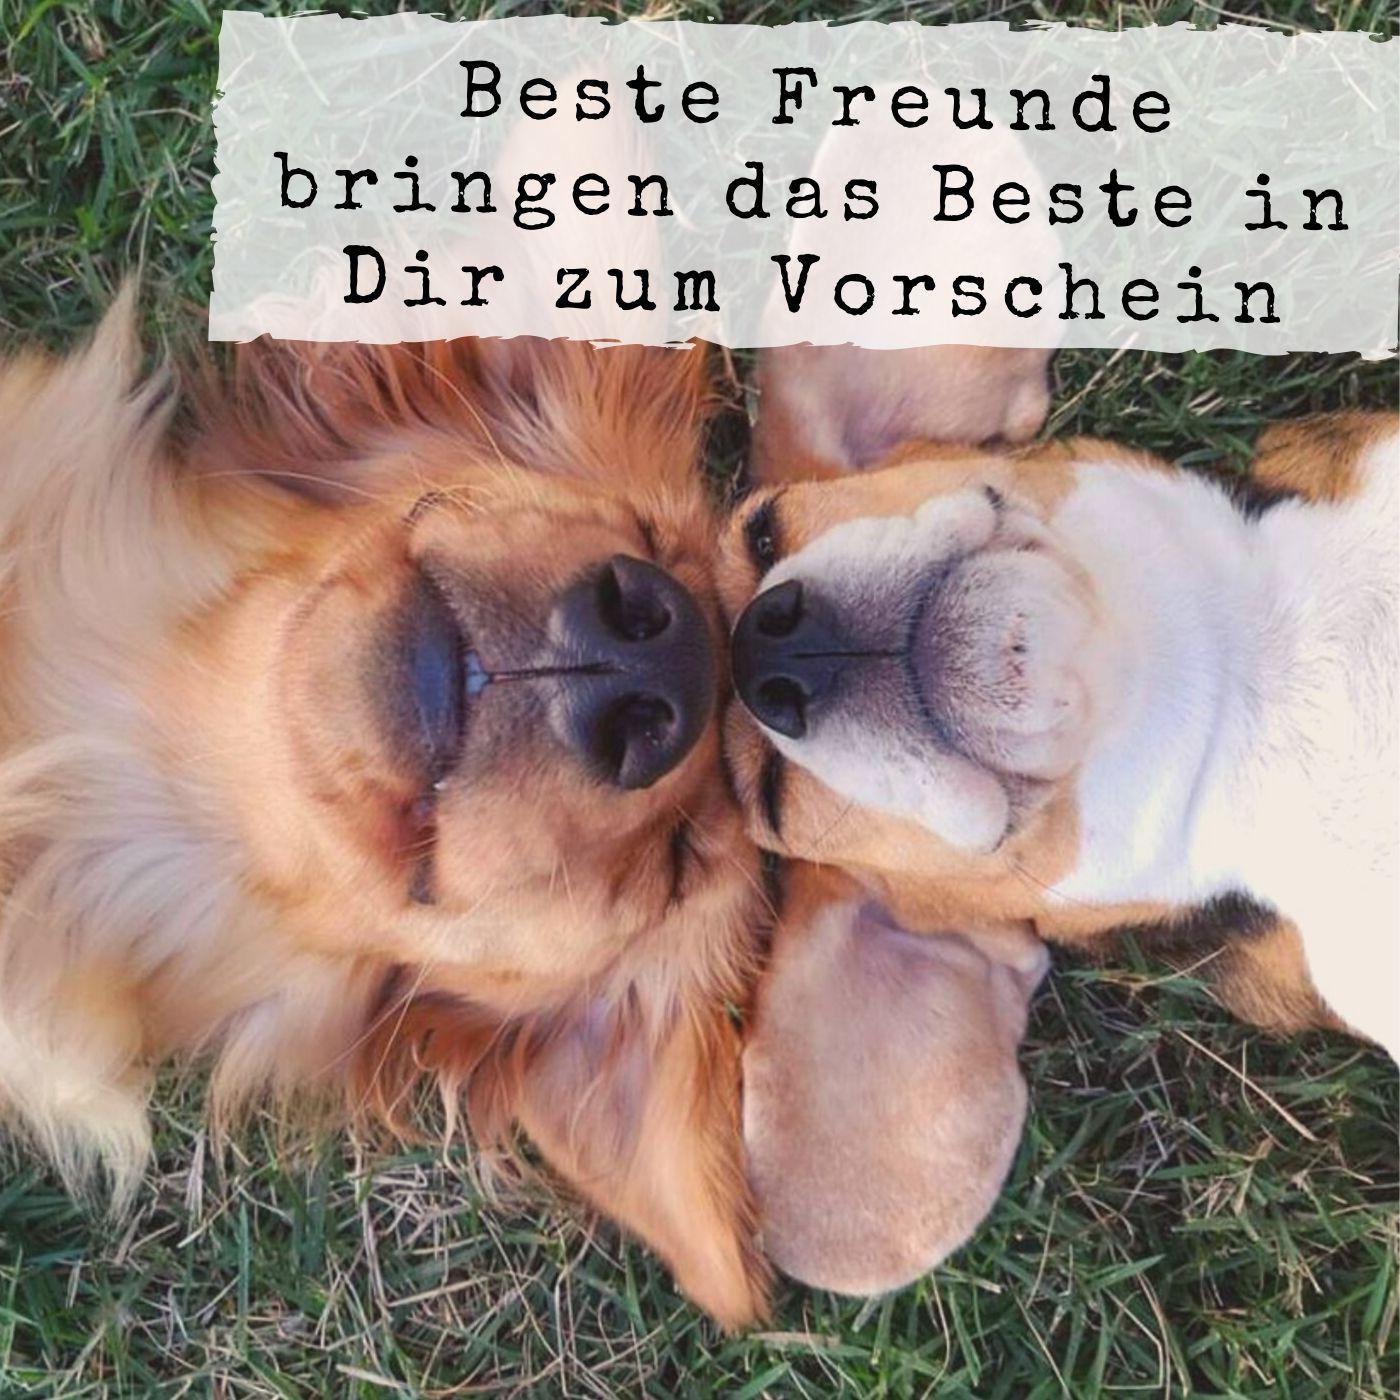 Beste Freunde Sprüche: Whatsapp Bilder, Die Tief Berühren in Tiere Sind Die Besten Freunde Sprüche